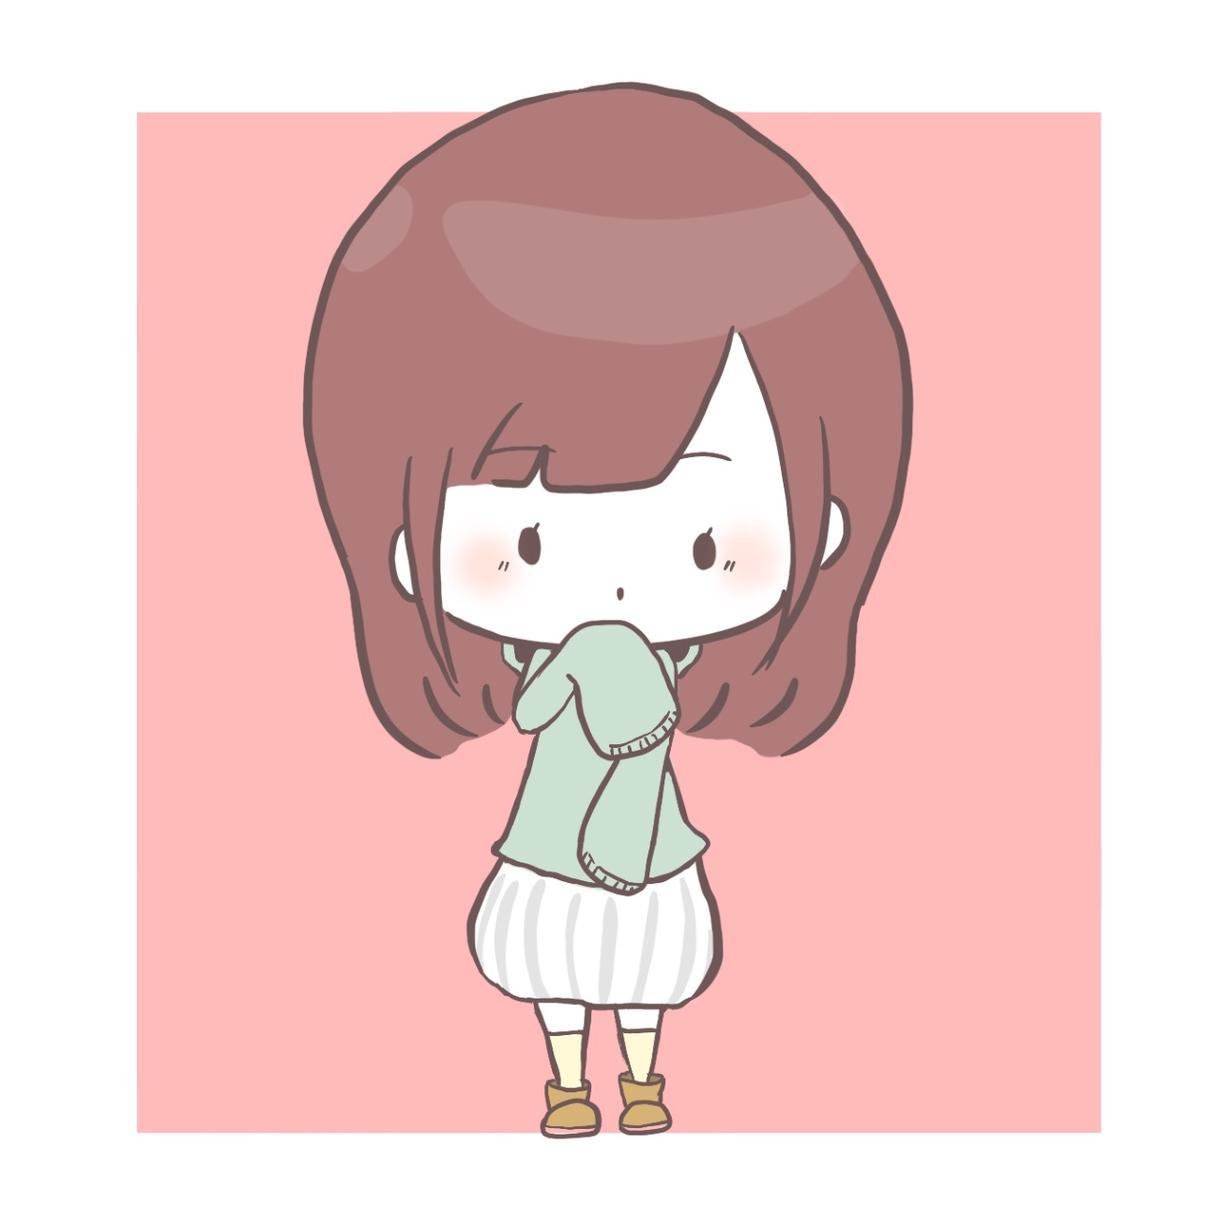 アイコンキャラ描きます 可愛いアイコンを作りましょう♪ イメージ1